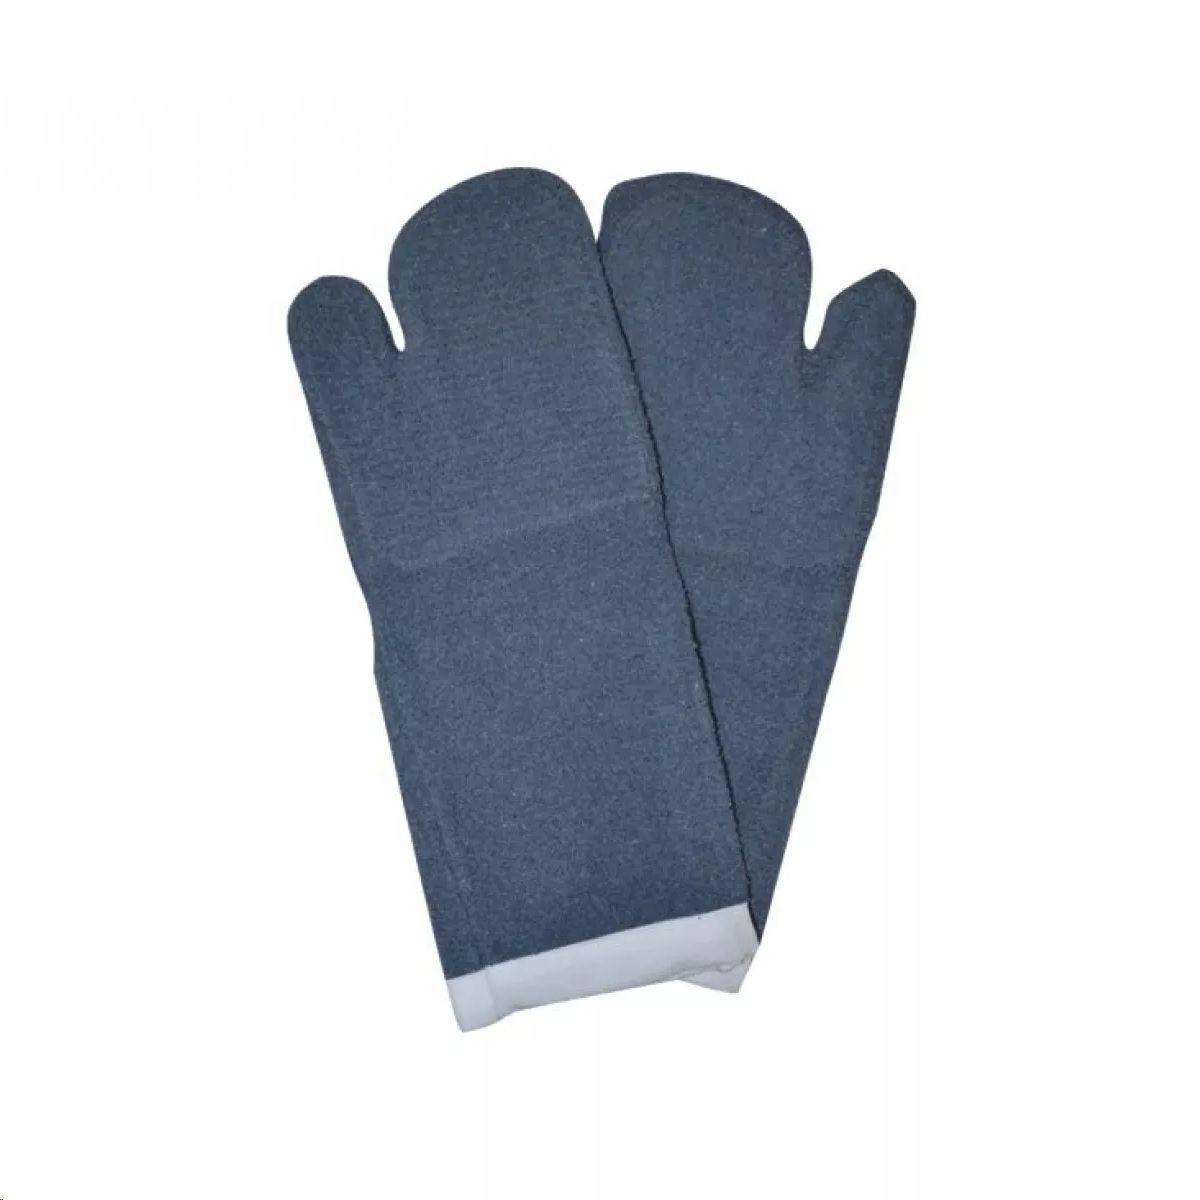 Luva Térmica Azul - Grafatex - 50Cm - 48.50A